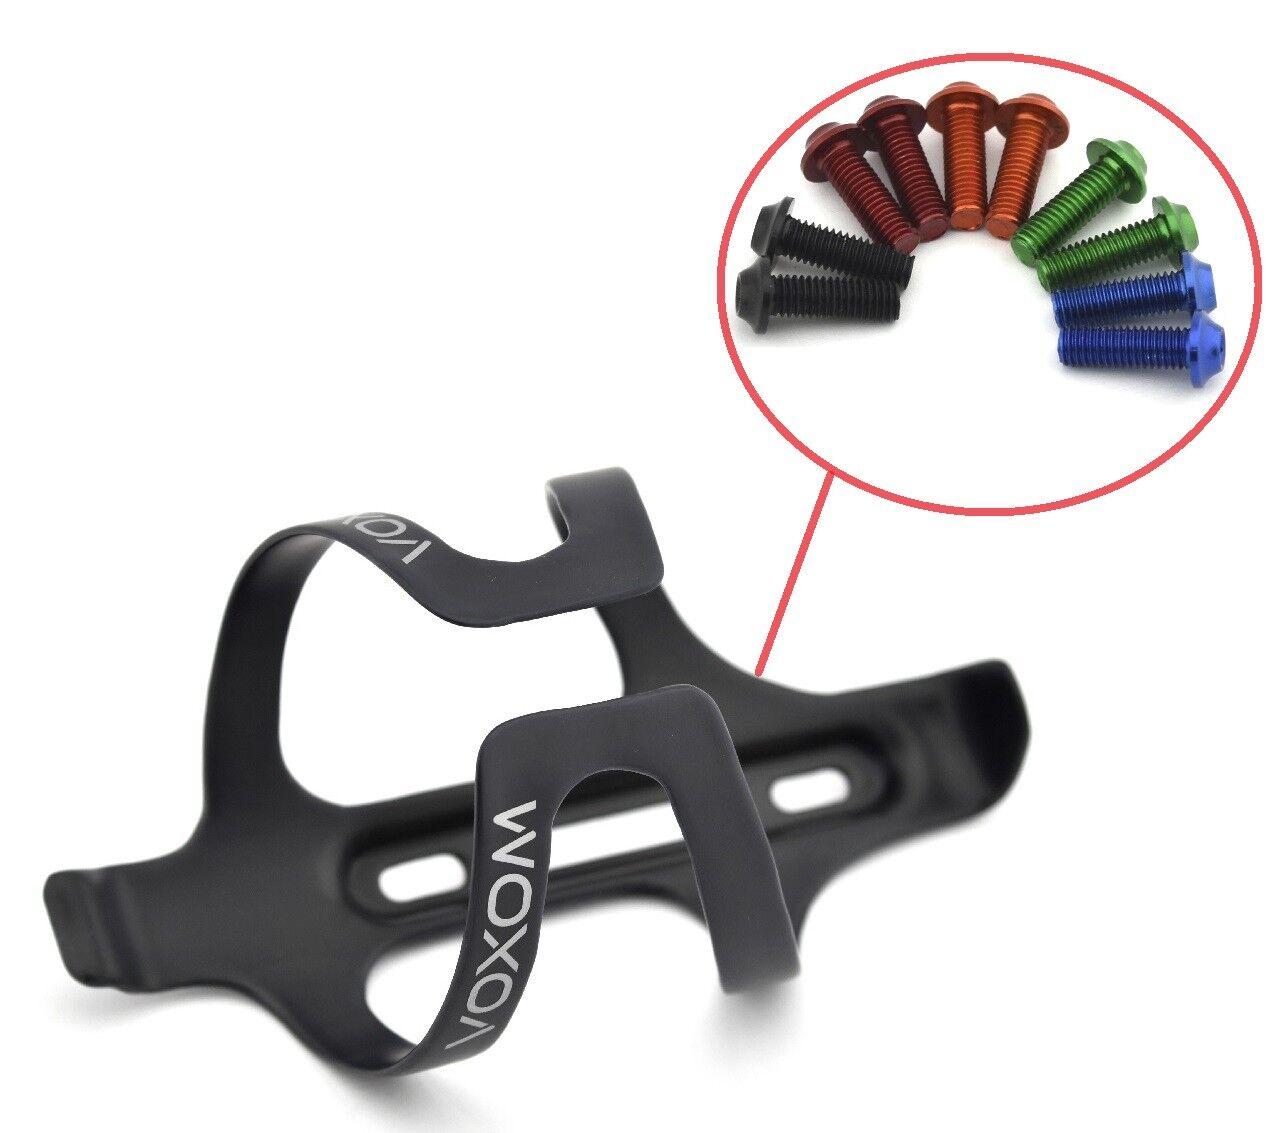 Ud Carbon Fahrrad Tuning Flaschenhalter + M5 M5 M5  Aluschrauben Bike Waterbottle cage f7ed9d